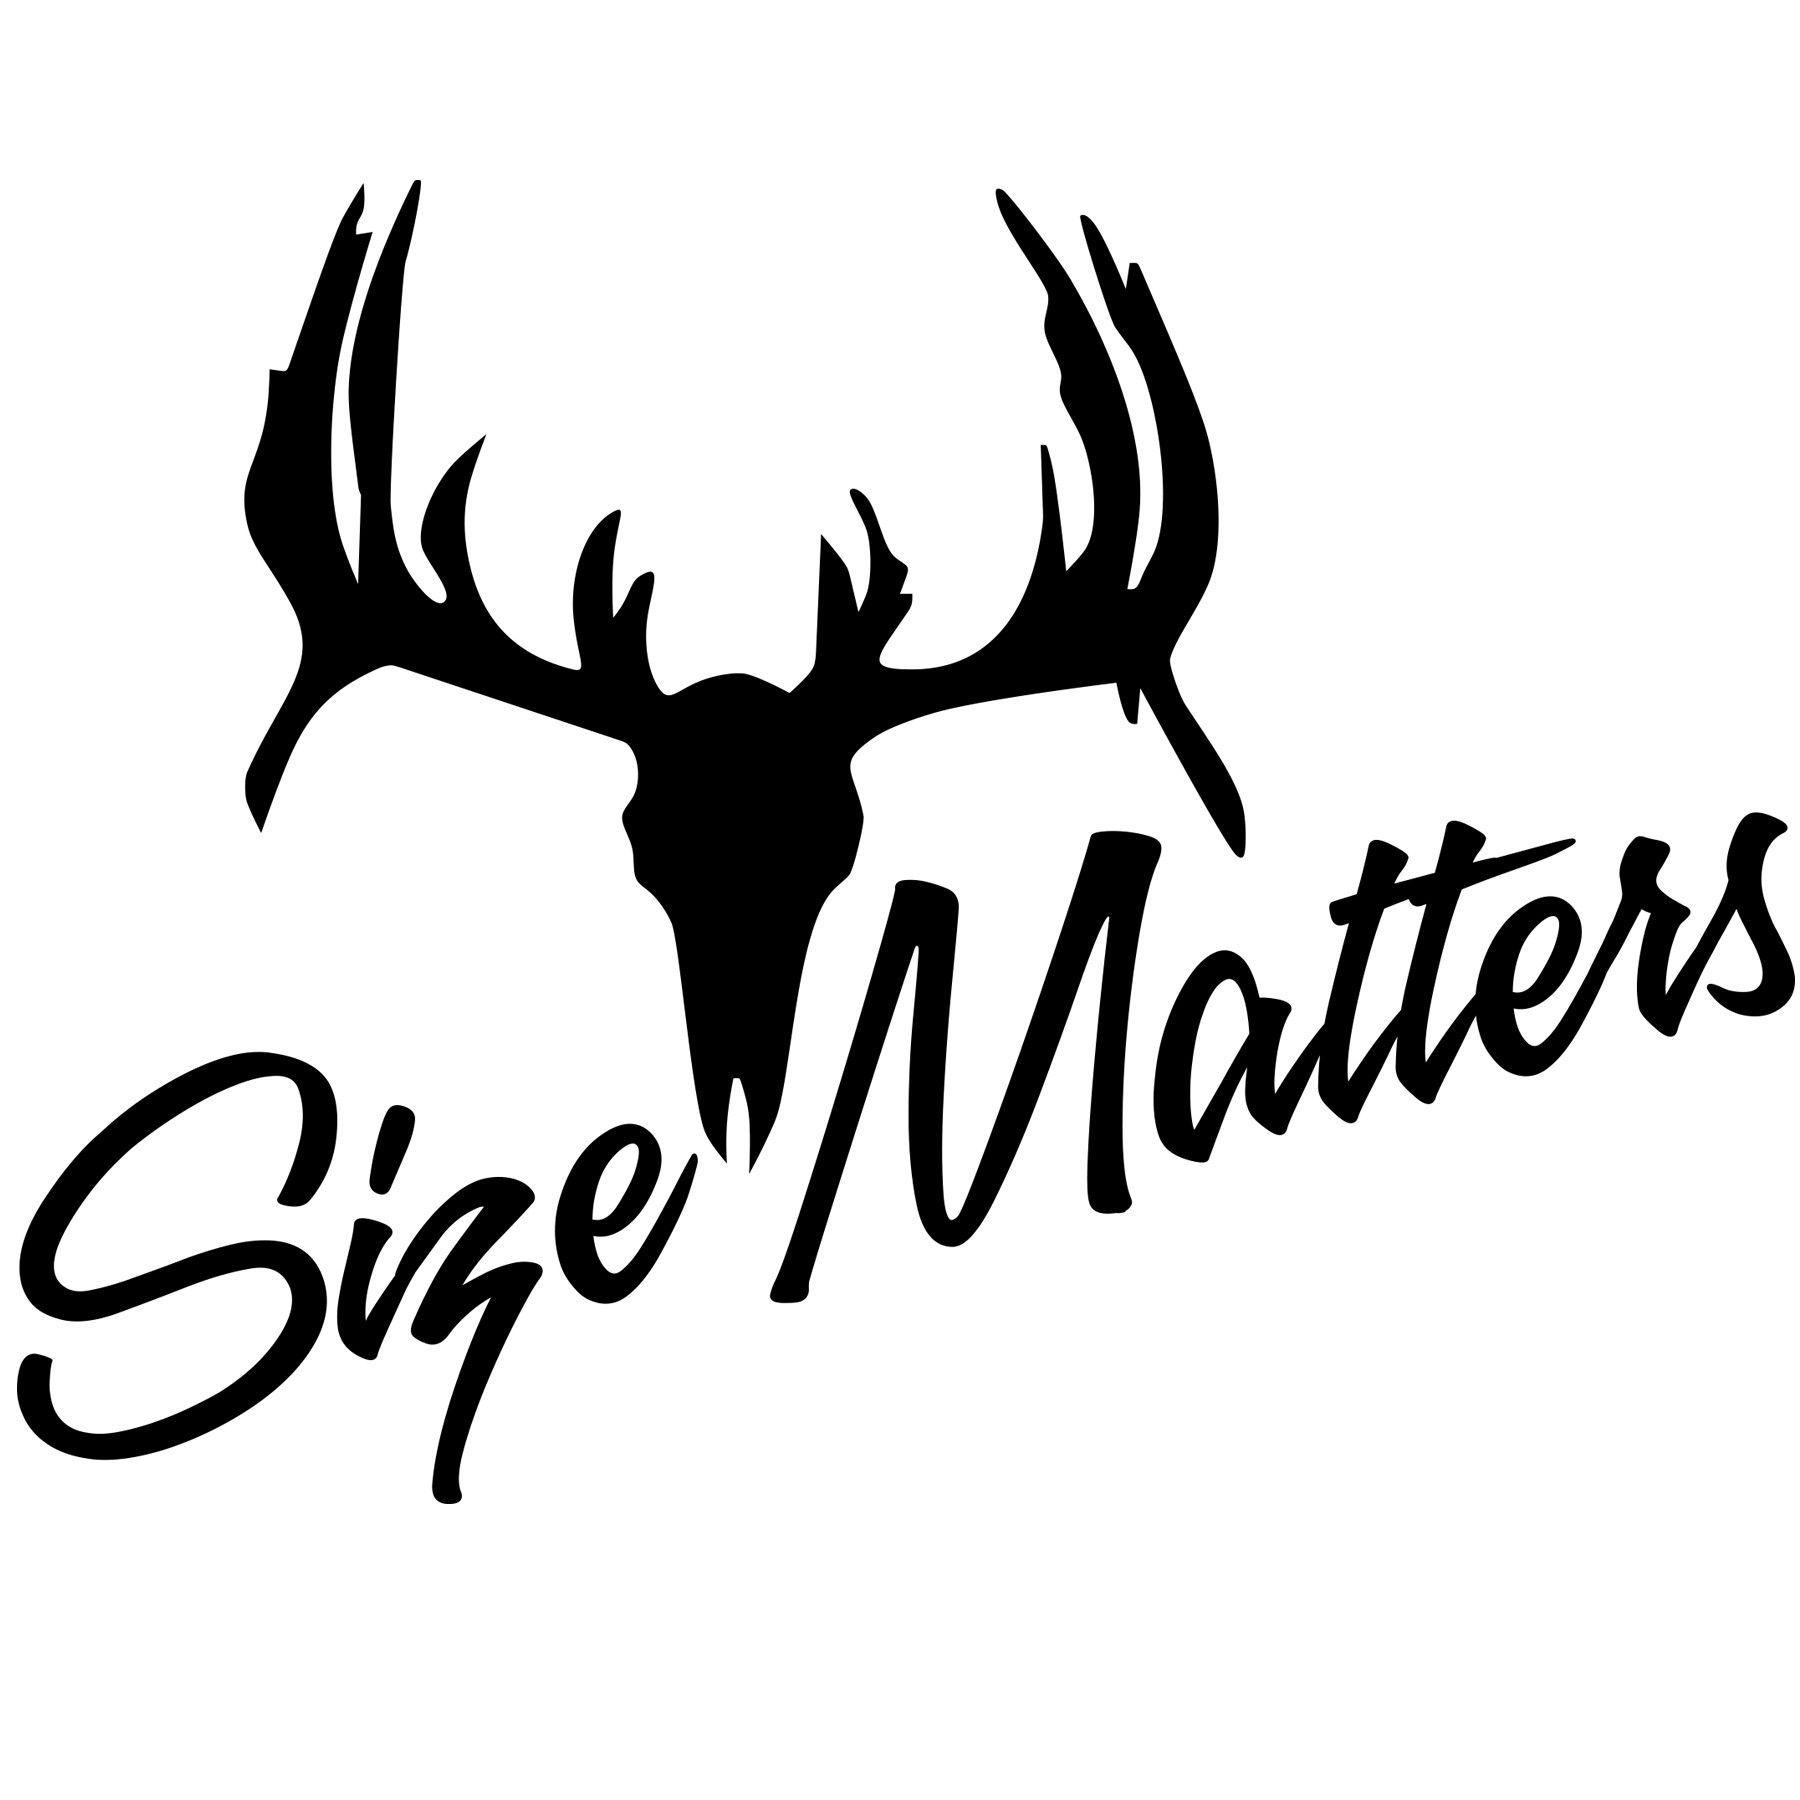 Size Matters Deer Skull Vinyl Sticker Deer skulls